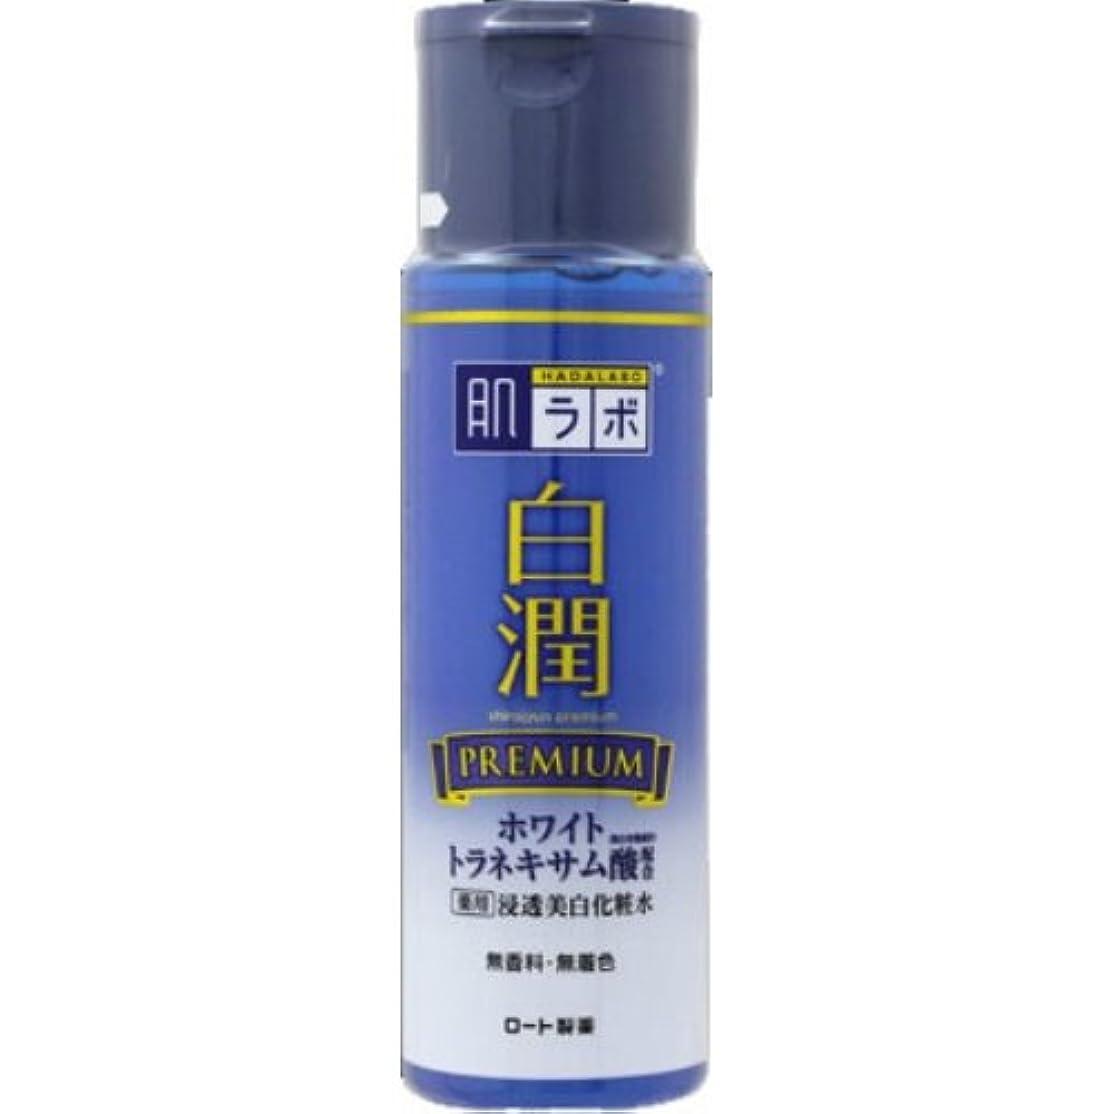 後者海嶺ジャーナリスト肌ラボ 白潤プレミアム 薬用浸透美白化粧水 170mL × 3個セット